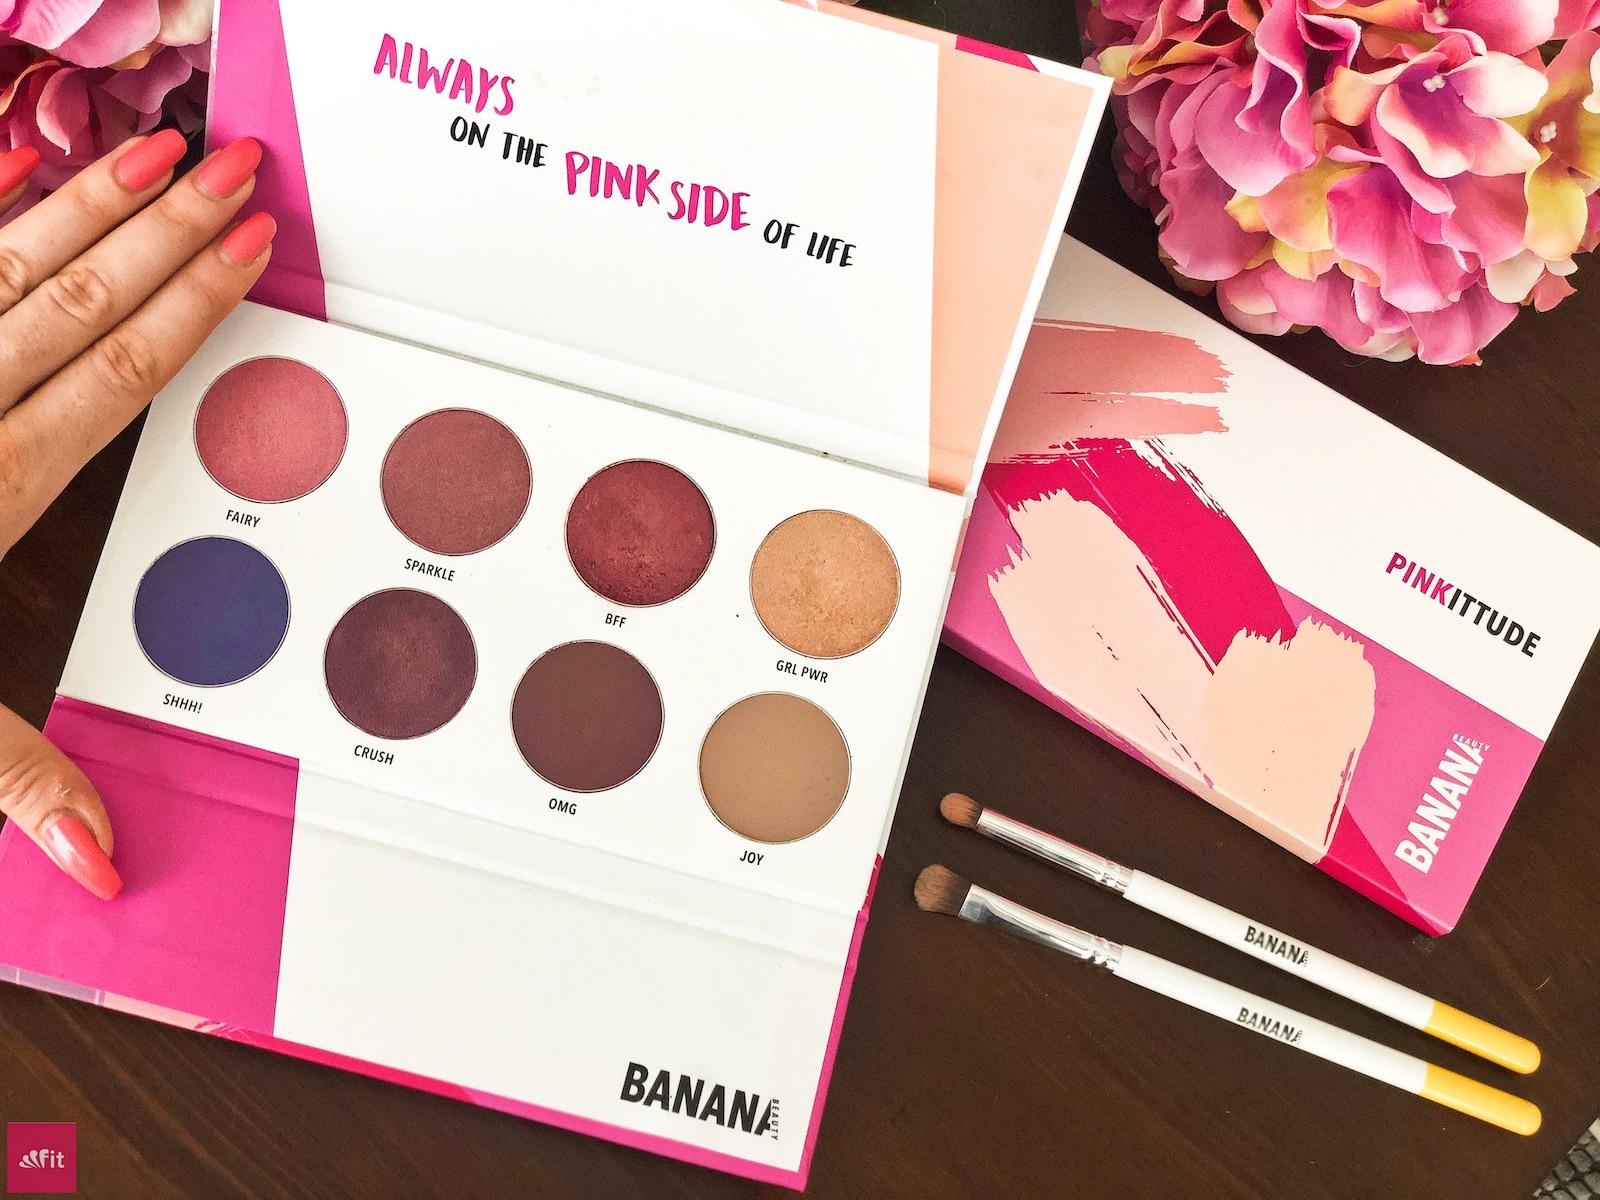 #BANANABEAUTY #EYESHADOW #PINK #LIDSCHATTEN #Beautyblog #Erfahrung mit der Pinkittude Palette von Banana Beauty(Werbung) und meine #Erfahrungen ein, 8 verschiedene Lidschatten Farben, fast alle #vegan. für ein natürliches #Augen #MakeUp oder auch für deine #Hochzeit, #Geburtstag.Eyeshadow Paletten Erfahrungsbericht für blaue Augen, braune Augen und grüne Augen. Bewertung der Eyeshadow Banana Beauty Sets. Spare bis zu 38% #Rabatt im Online Shop siehe Blogpost(Gutschein Code: fitweltweit)